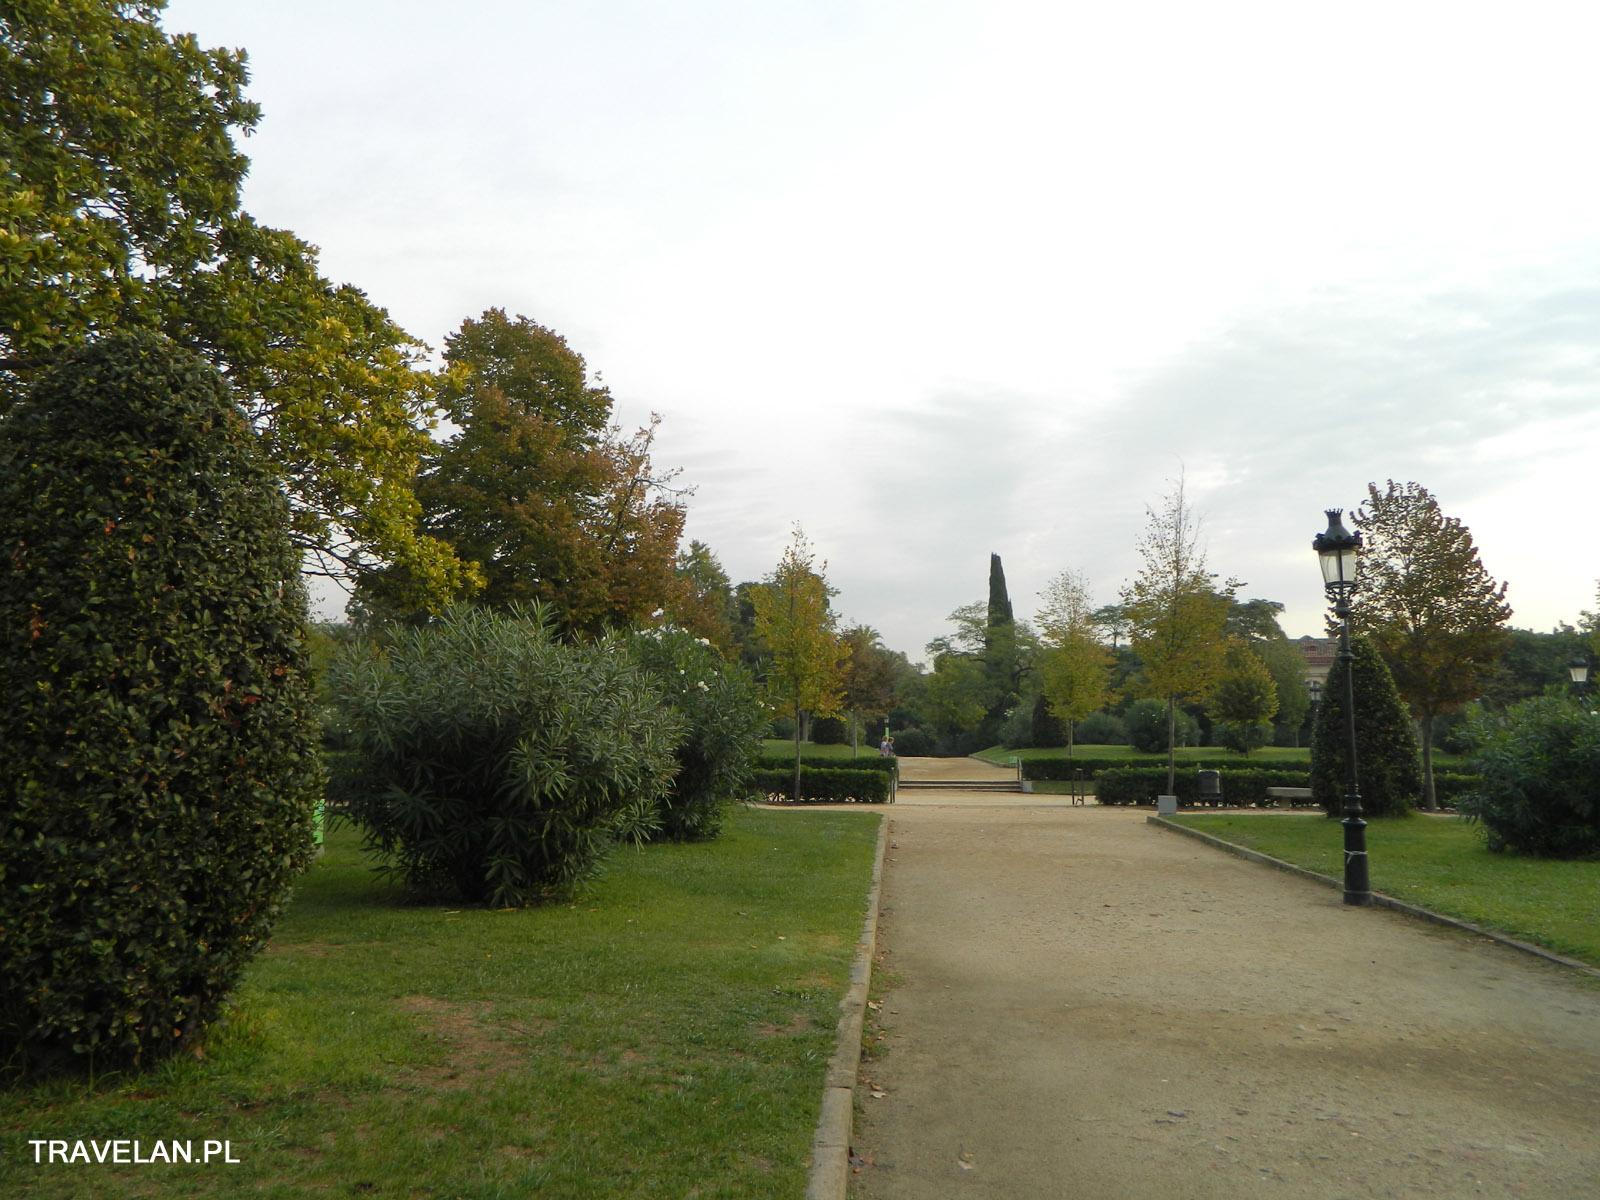 Park de Catalunya